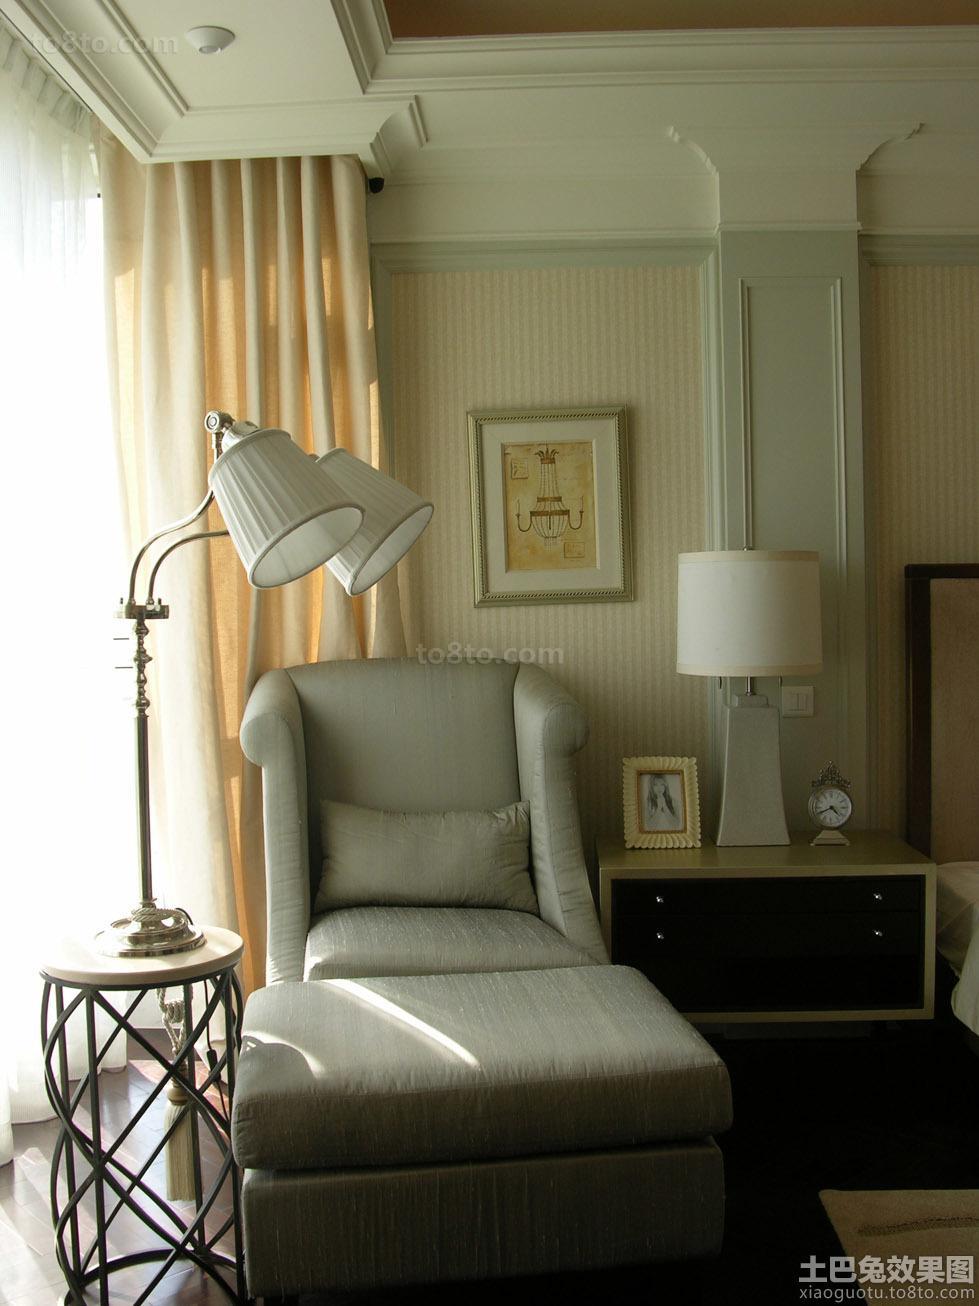 卧室单人休闲布沙发图片